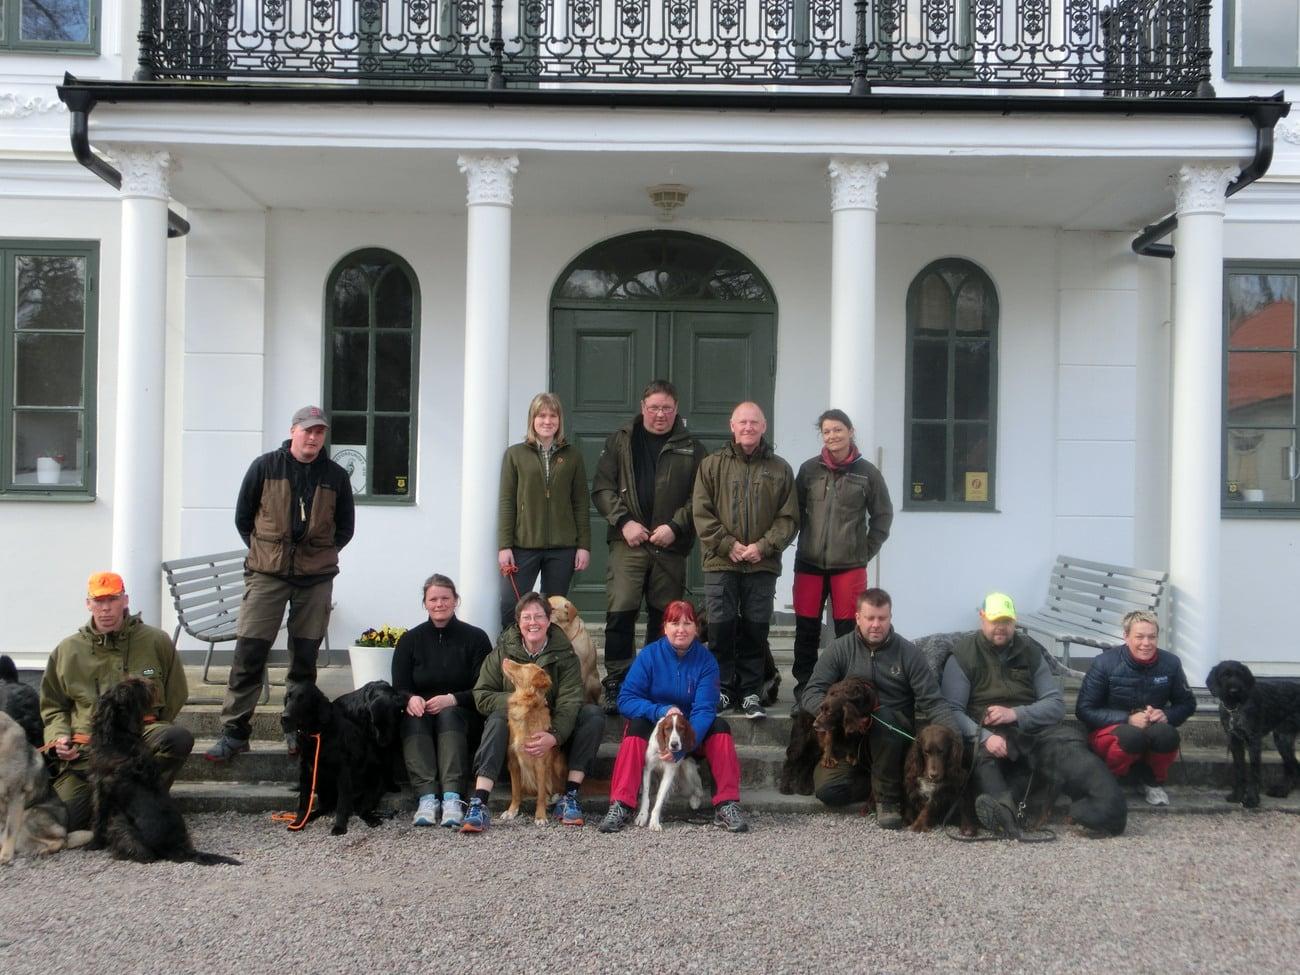 Tio godkända deltagare efter instruktörsutbildning steg 2 med kursledning. Foto: Christina Rasmusson